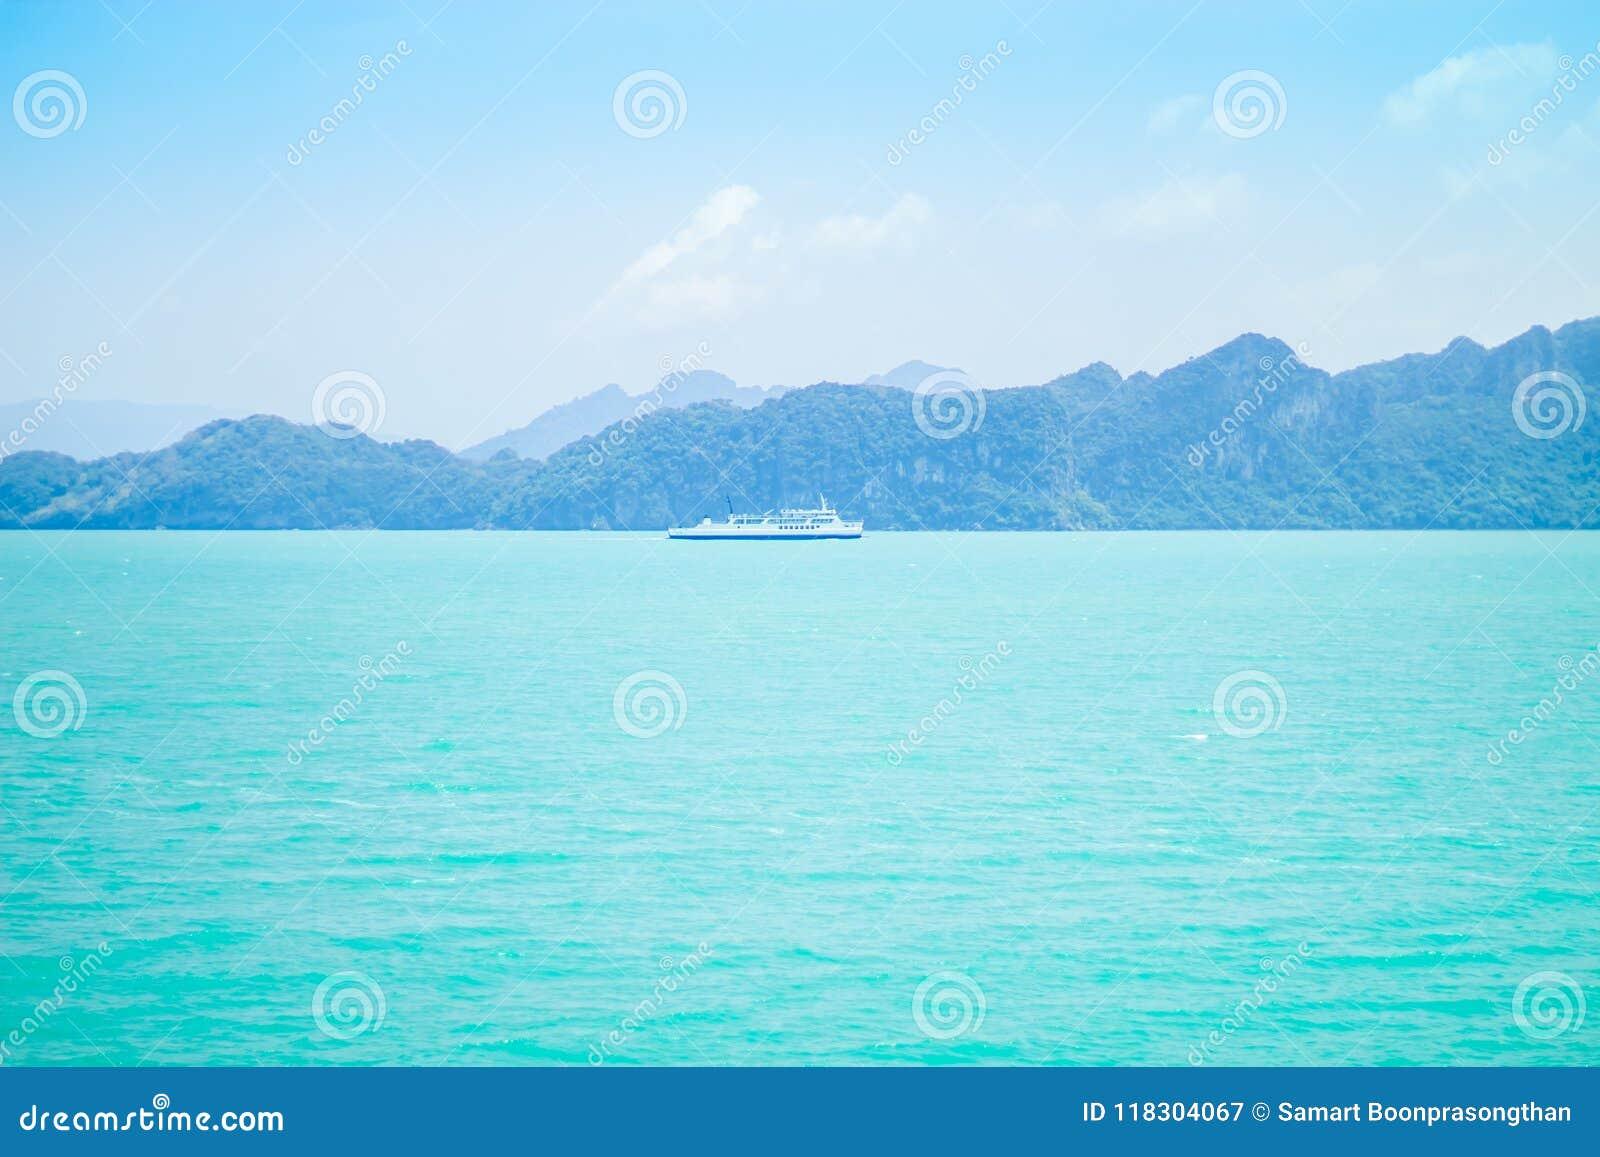 Cruzamento do ferryboat